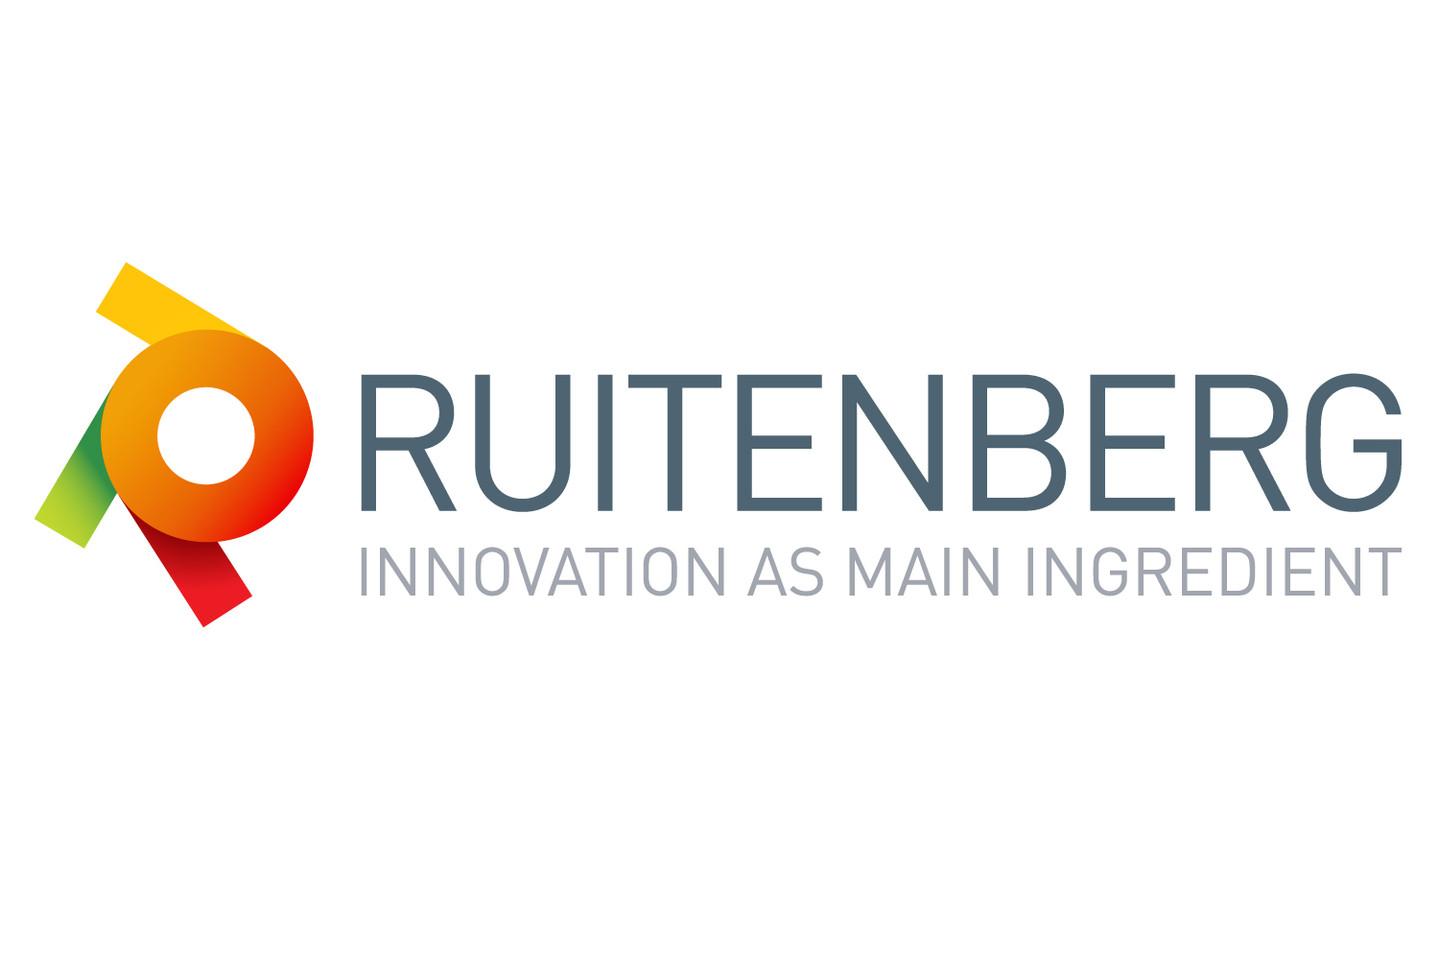 Ruitenberg Ingredients